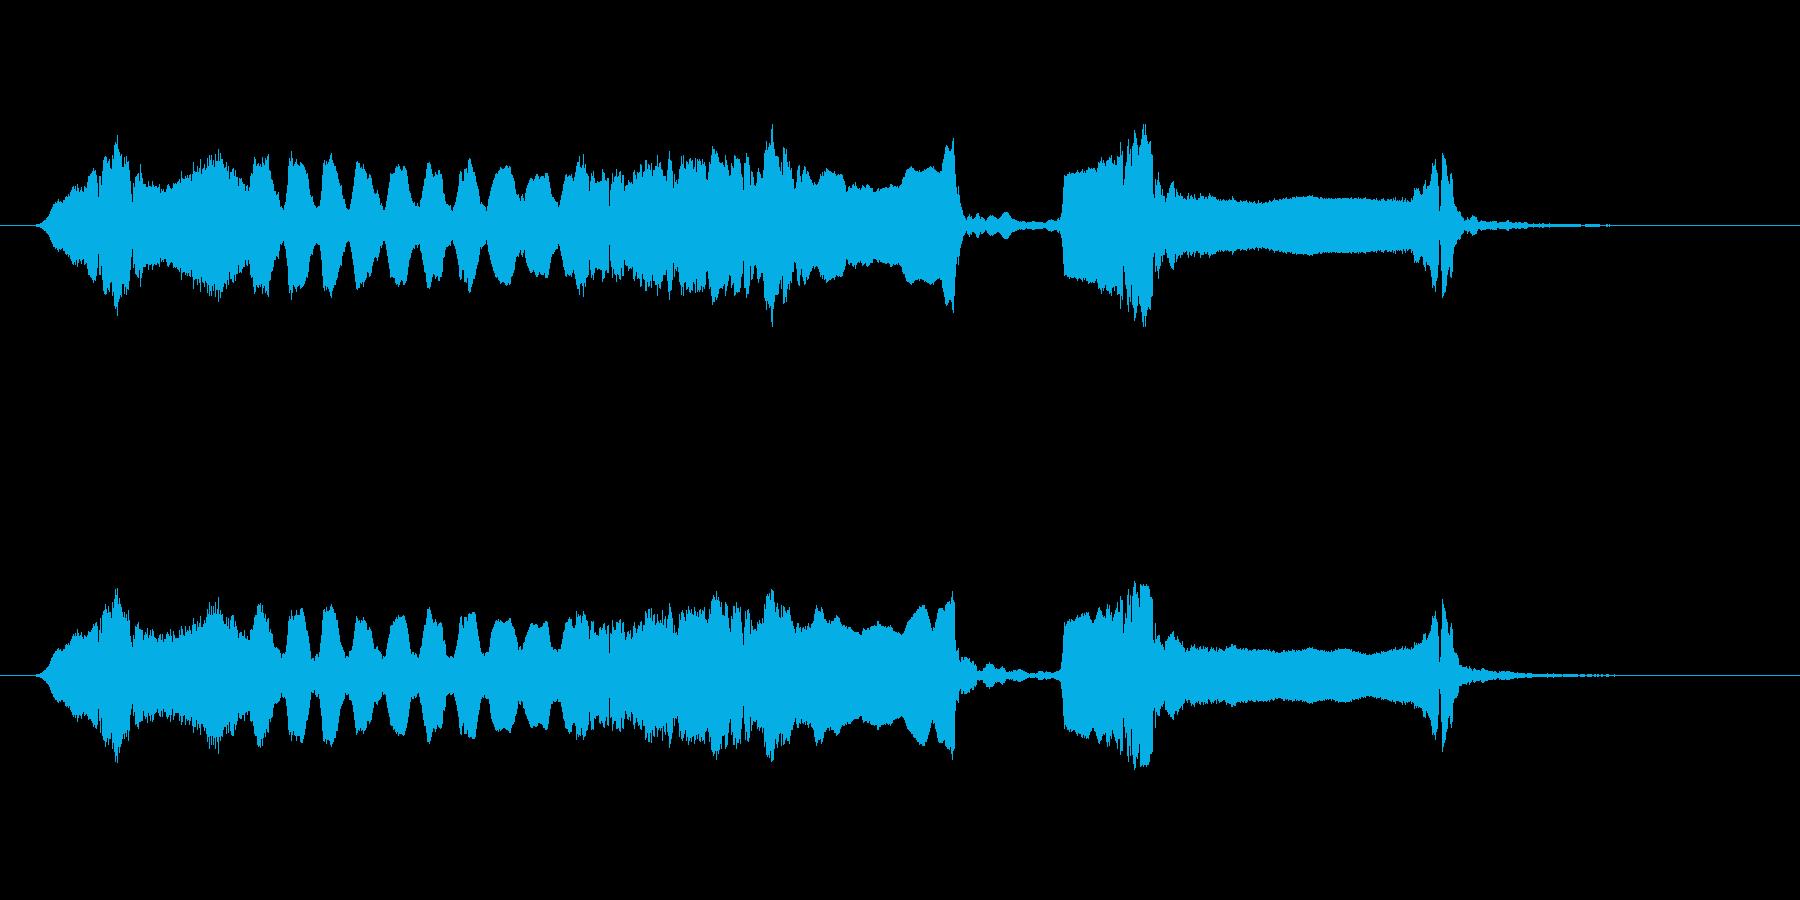 篠笛生演奏の勢いあるジングル01の再生済みの波形